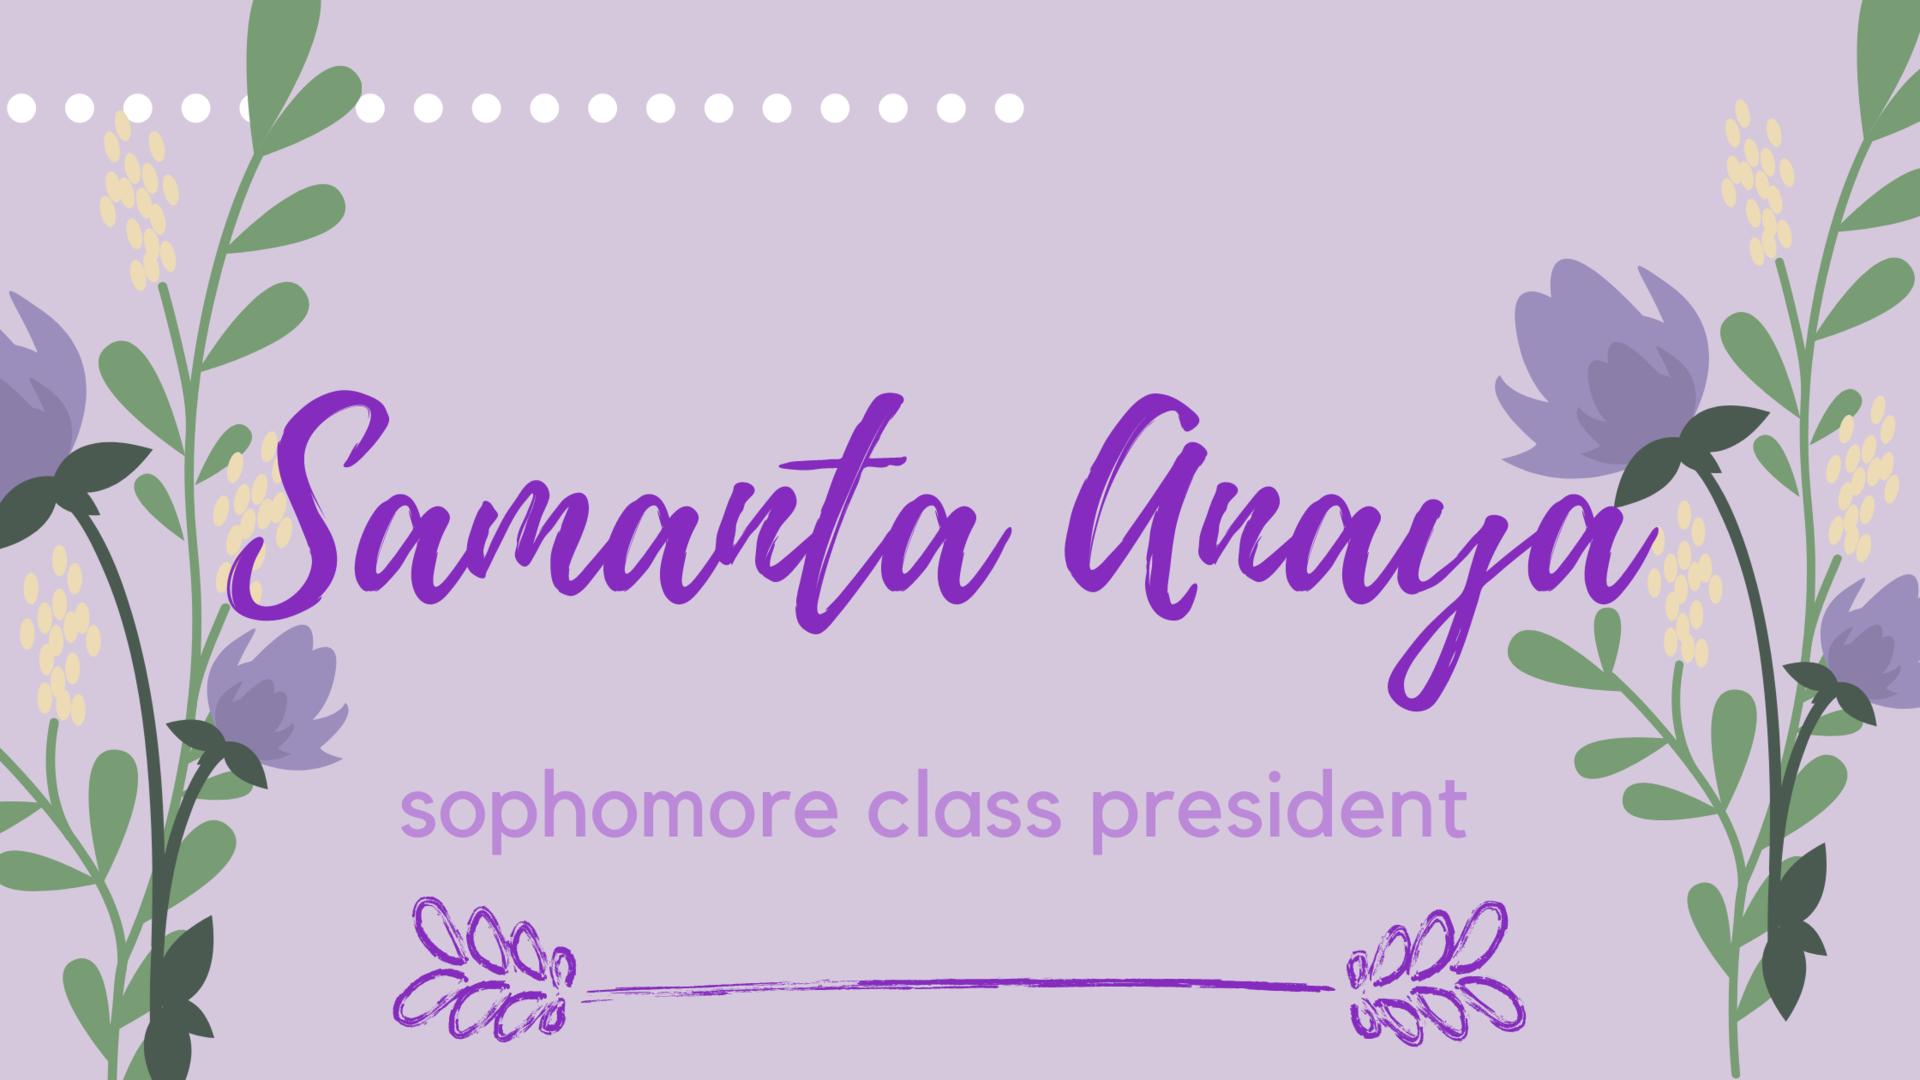 Samanta Anaya